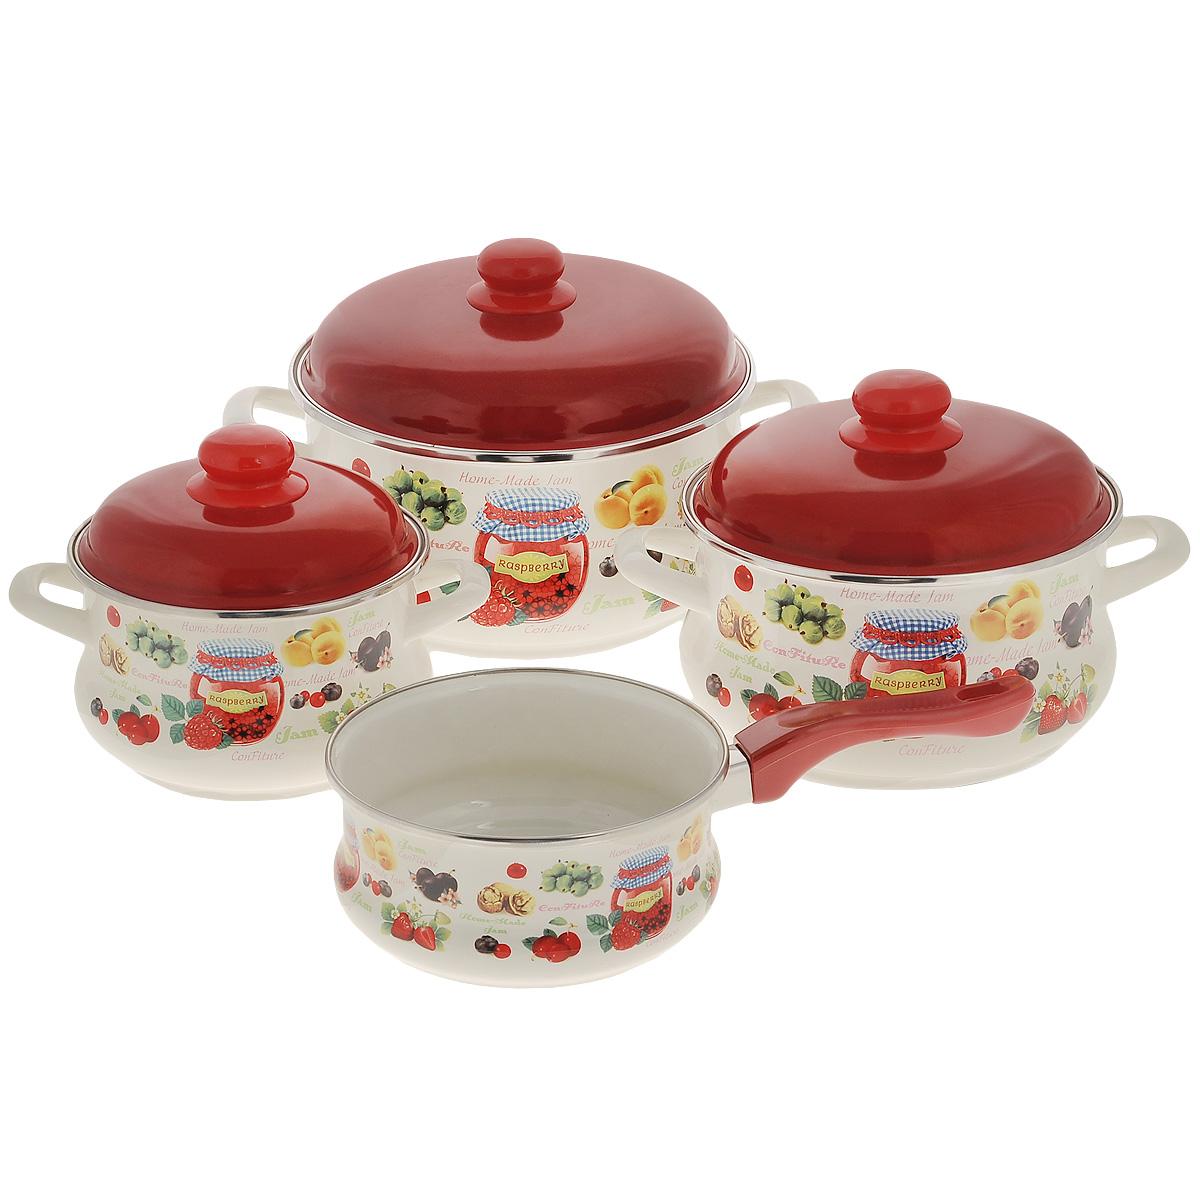 """Набор эмалированной посуды Metrot """"Варенье"""", цвет: белый, красный, 6 предметов + ПОДАРОК: Ковш эмалированный Metrot """"Варенье"""", цвет"""